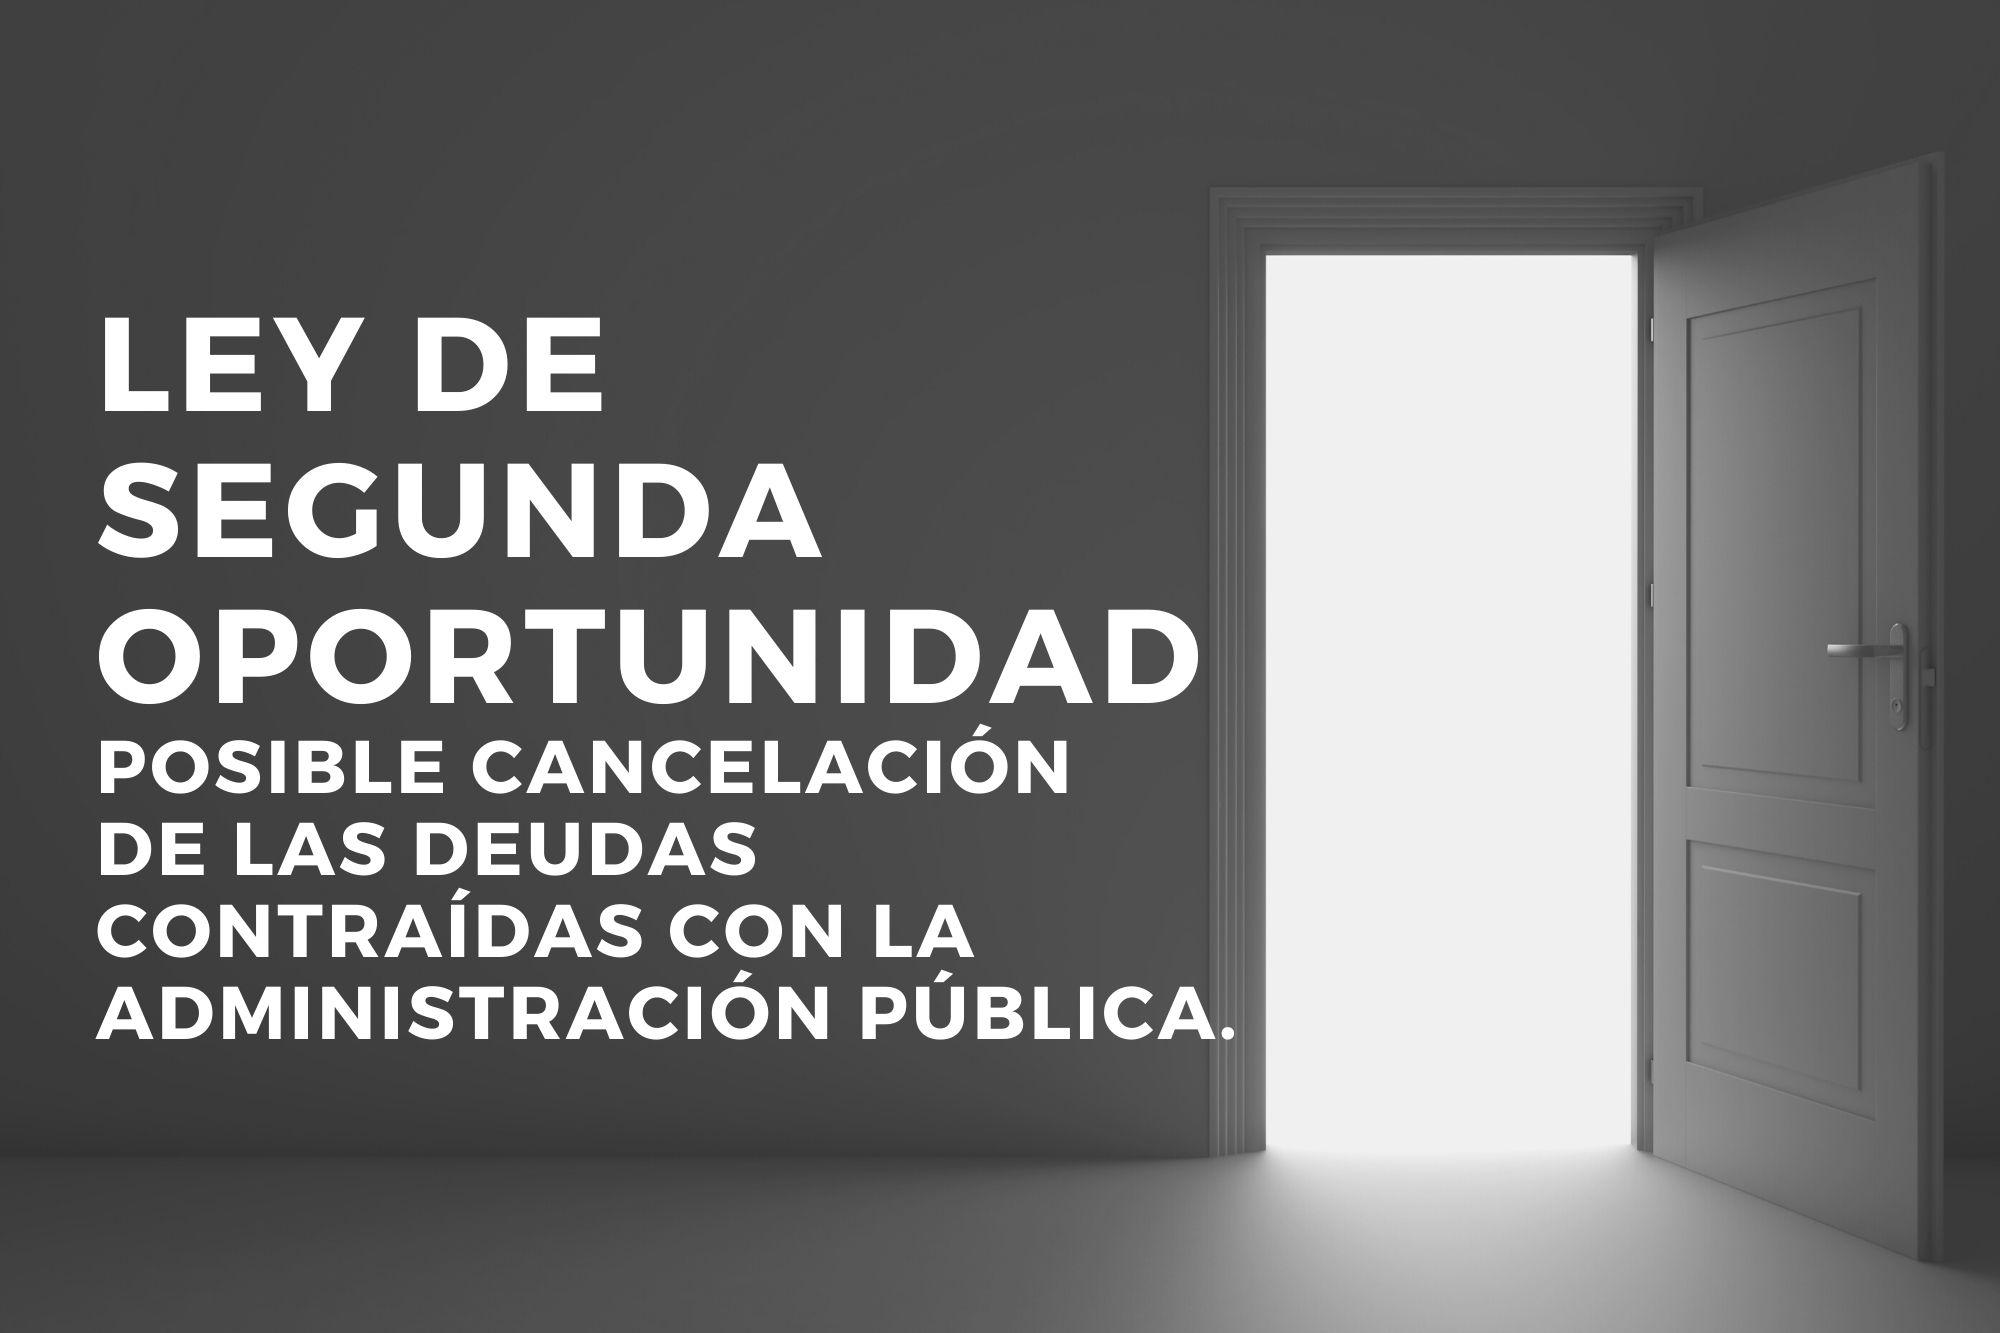 La Segunda Oportunidad: Posible Cancelación De Las Deudas Contraídas Con La Administración Pública.